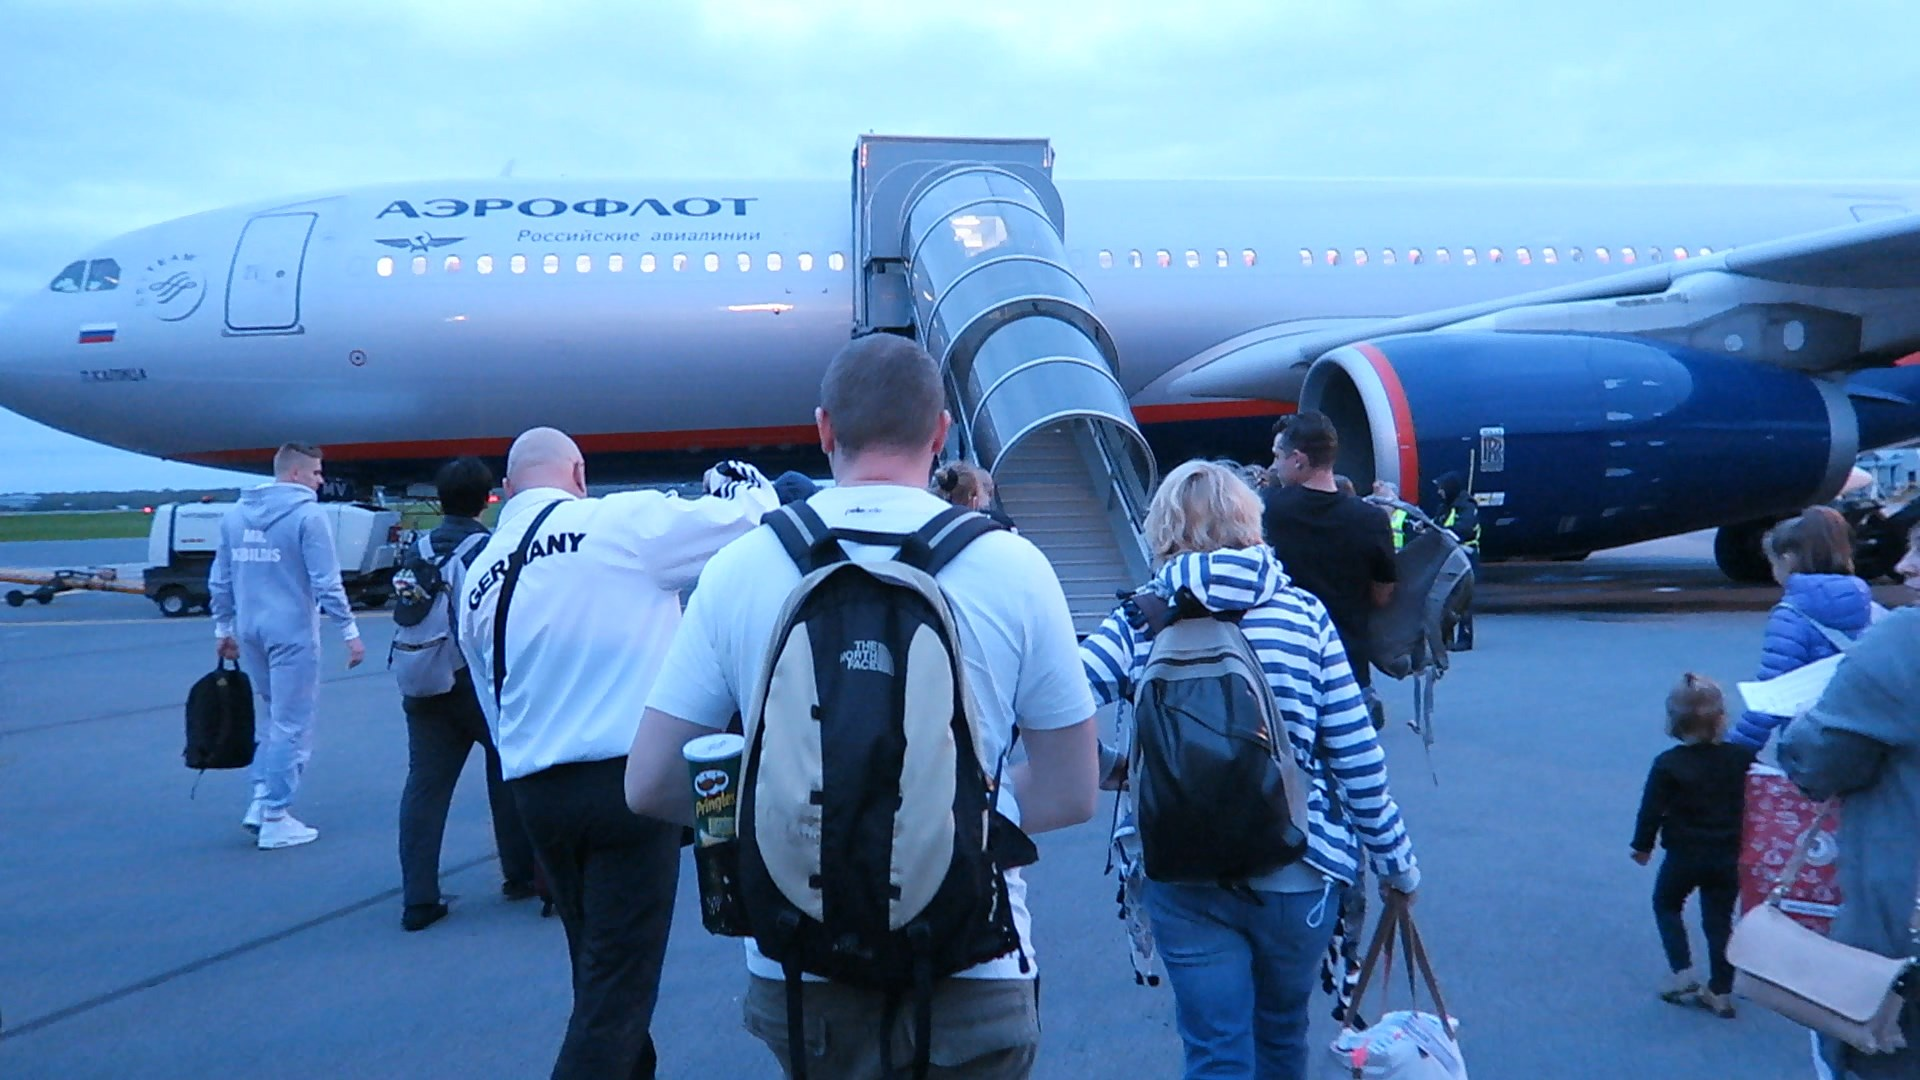 Сколько стоит билет на тайланд самолет стоимость билета на самолет салехард-тюмень